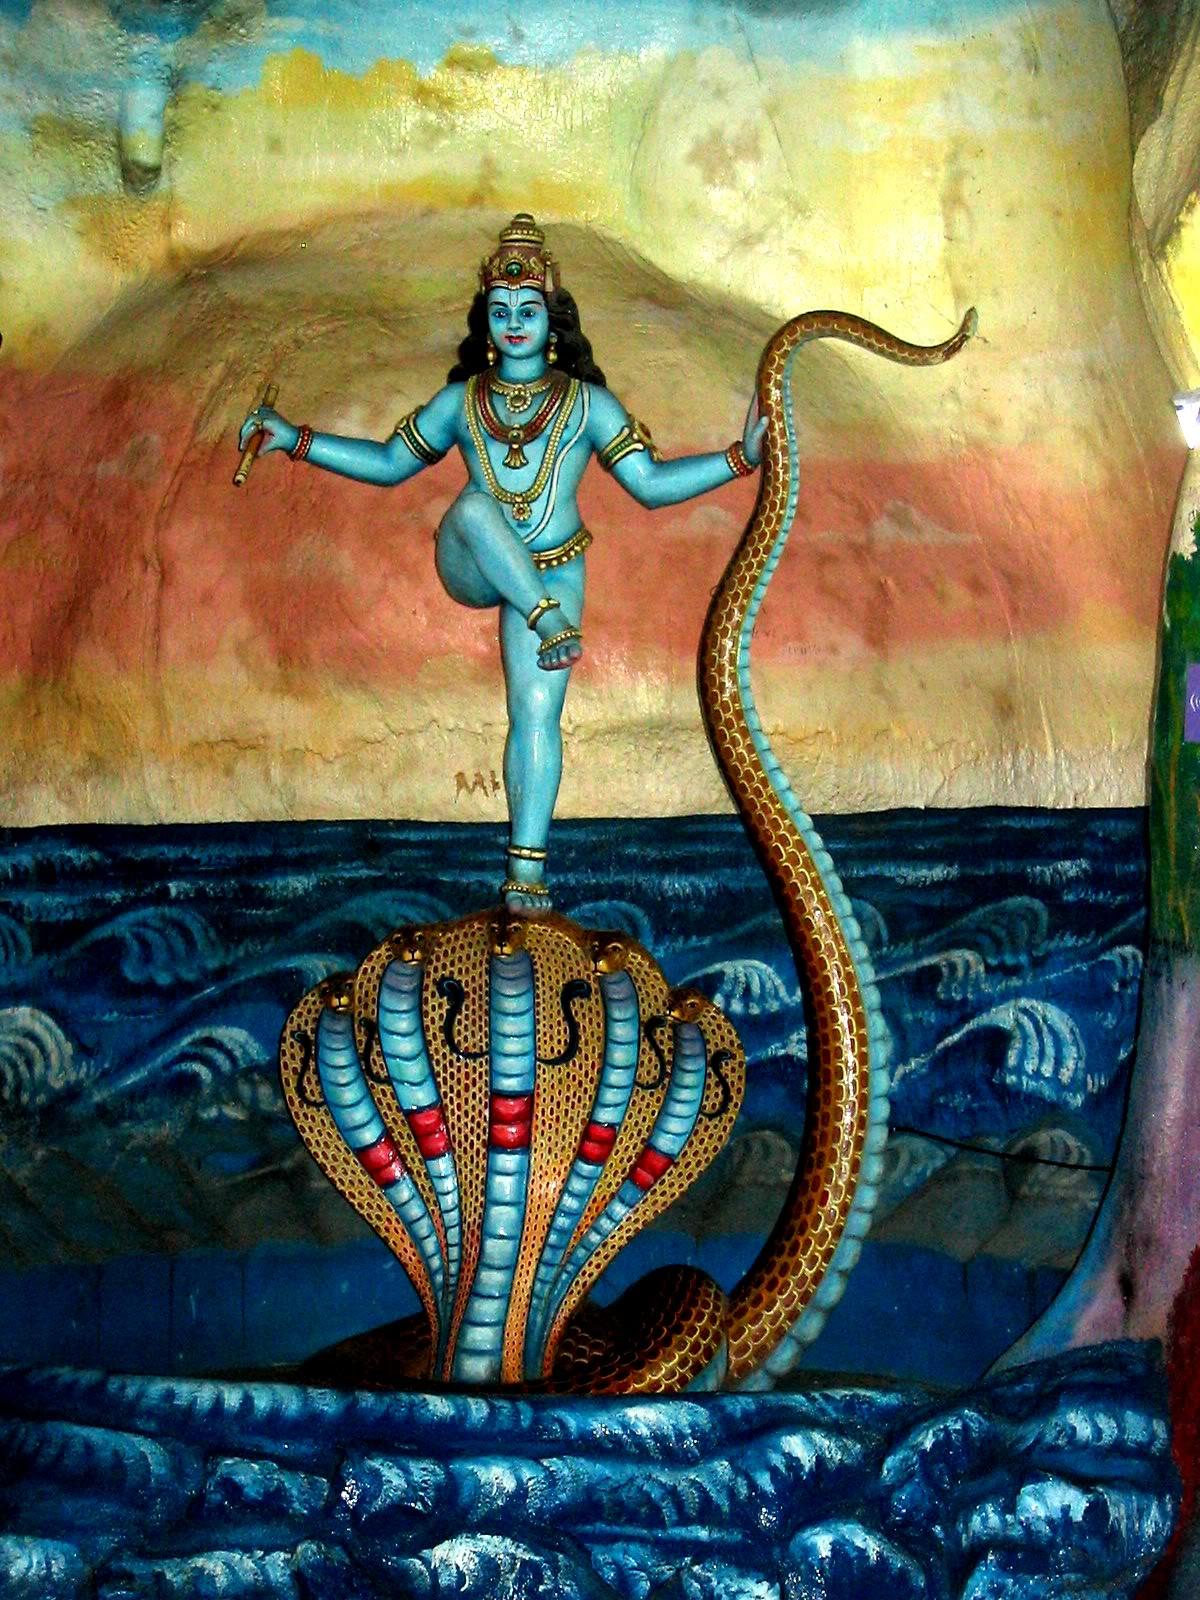 HQ Mythology Wallpapers | File 394.81Kb